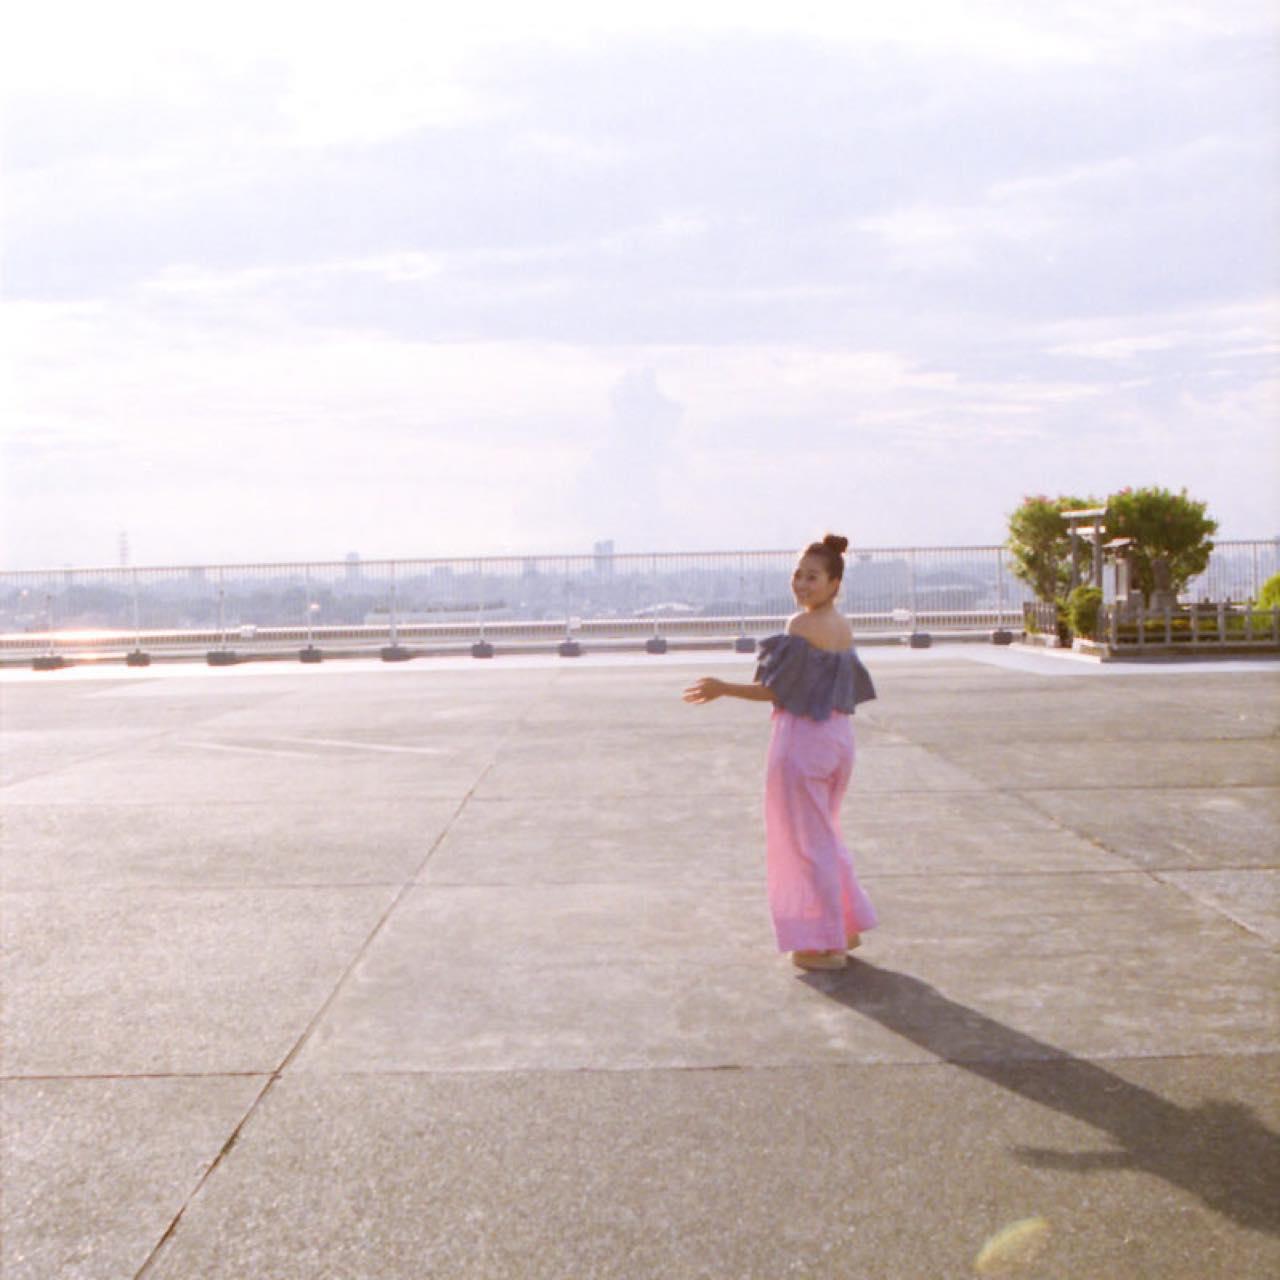 最高の開放感と癒しがそこに。東京都心の屋上ビュースポット